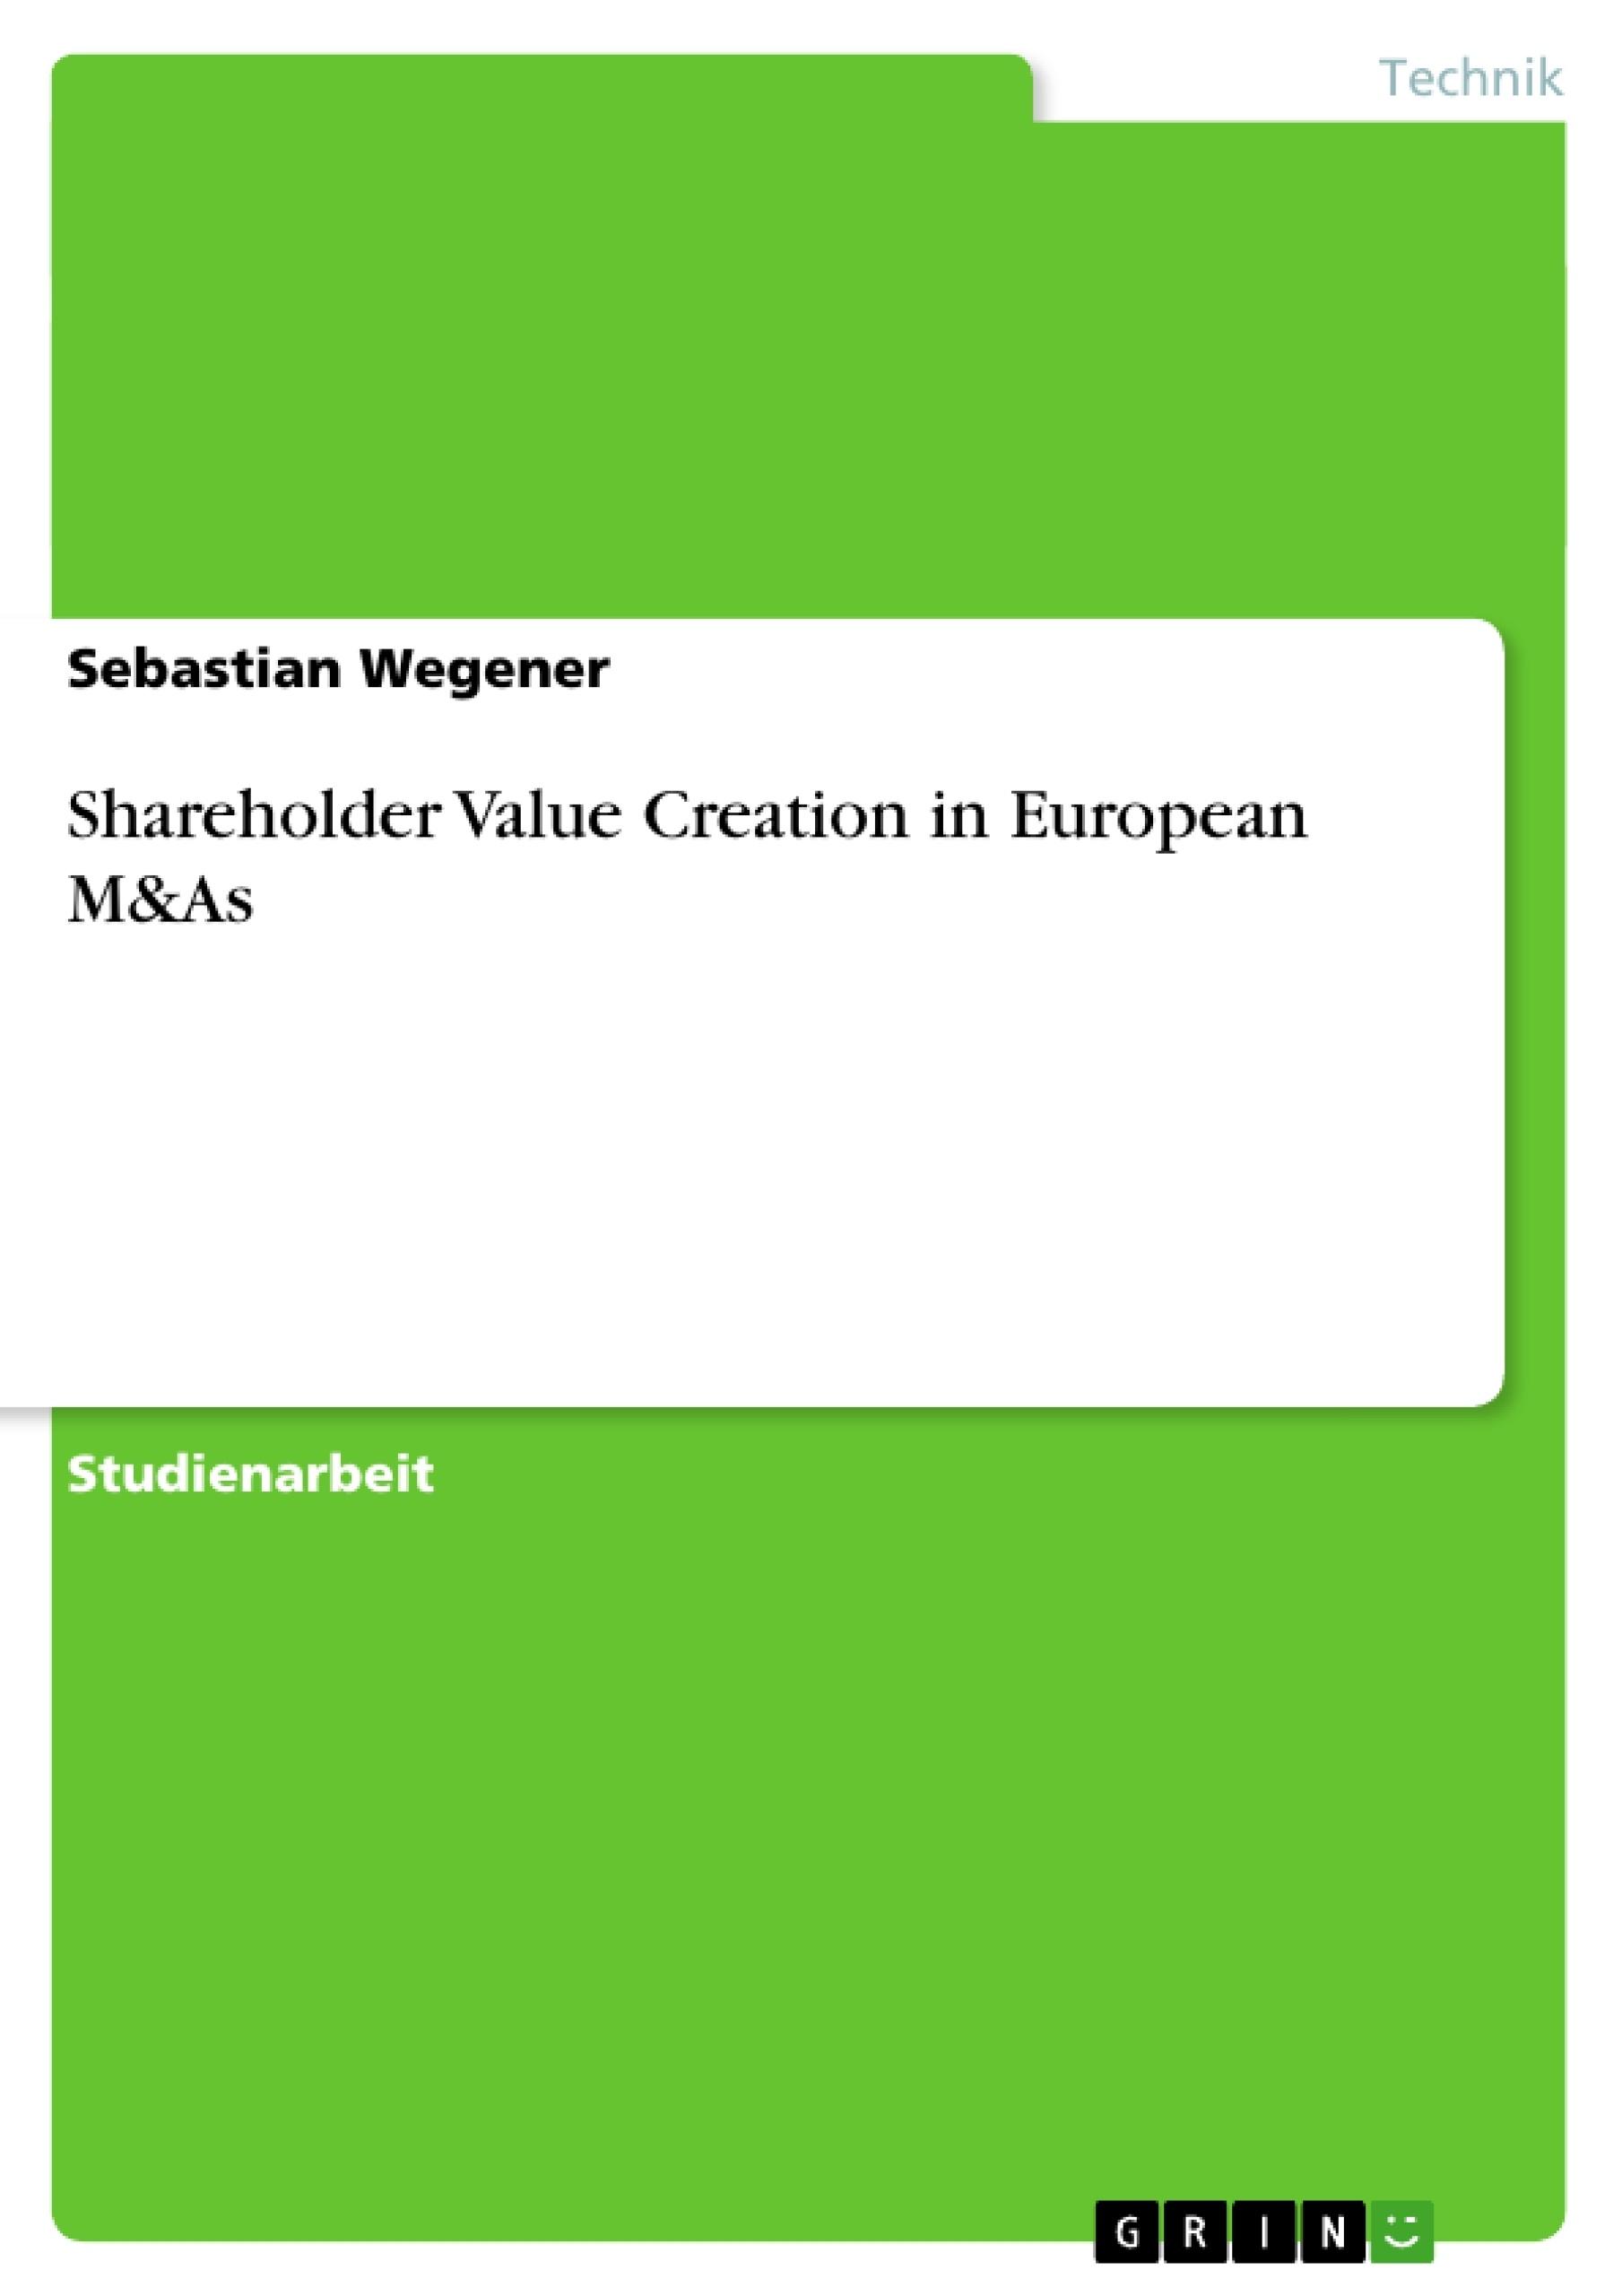 Titel: Shareholder Value Creation in European M&As